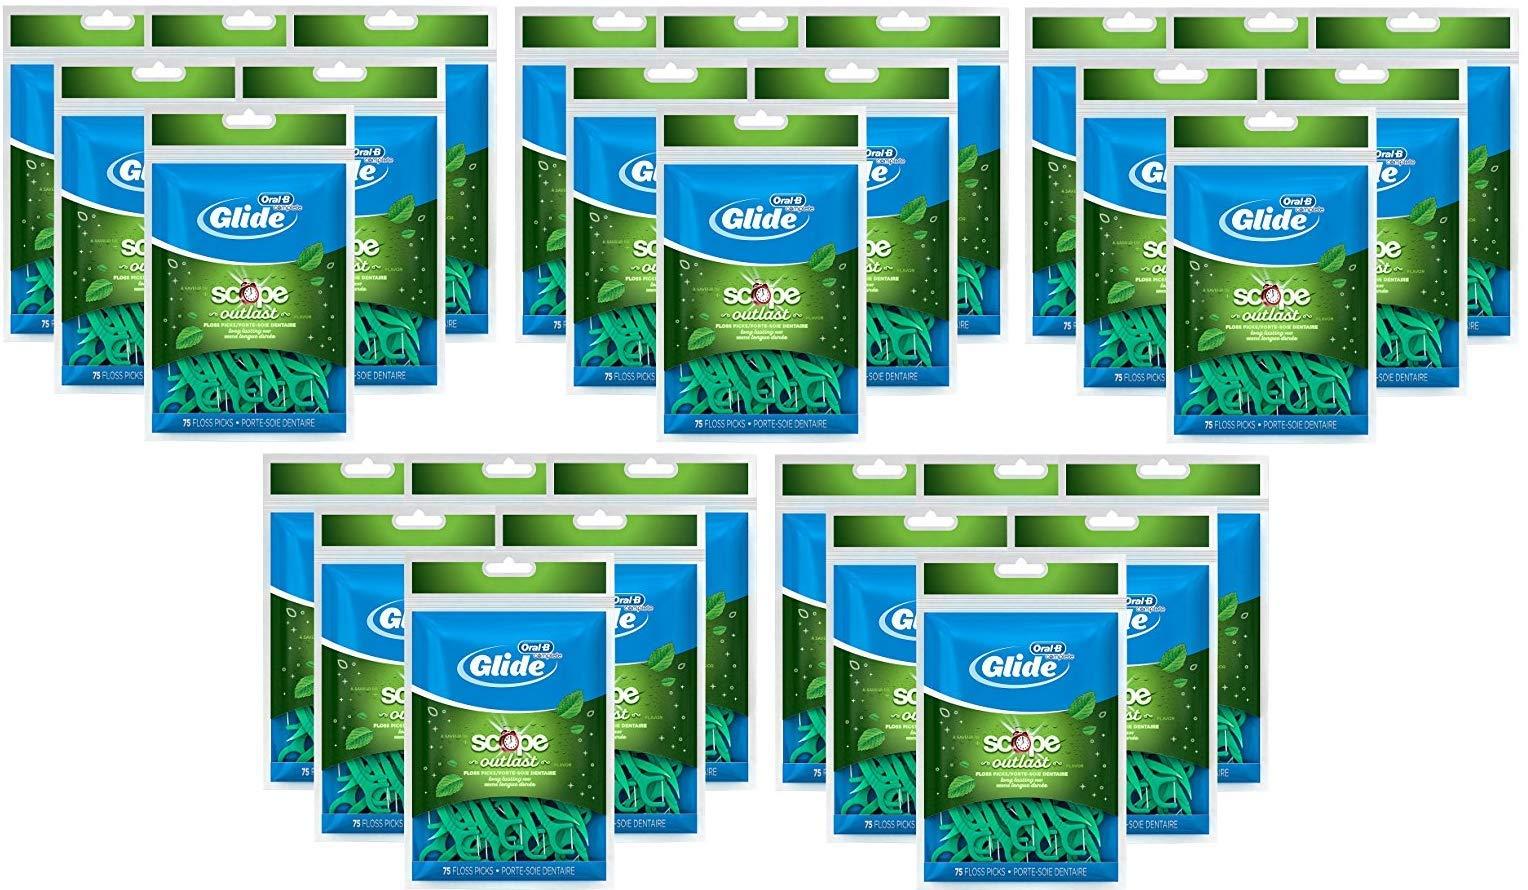 Oral-B Complete Glide Dental Floss Picks Plus Scope Outlast, Long Lasting Mint, 75 Dental Floss Picks, (30-Pack)